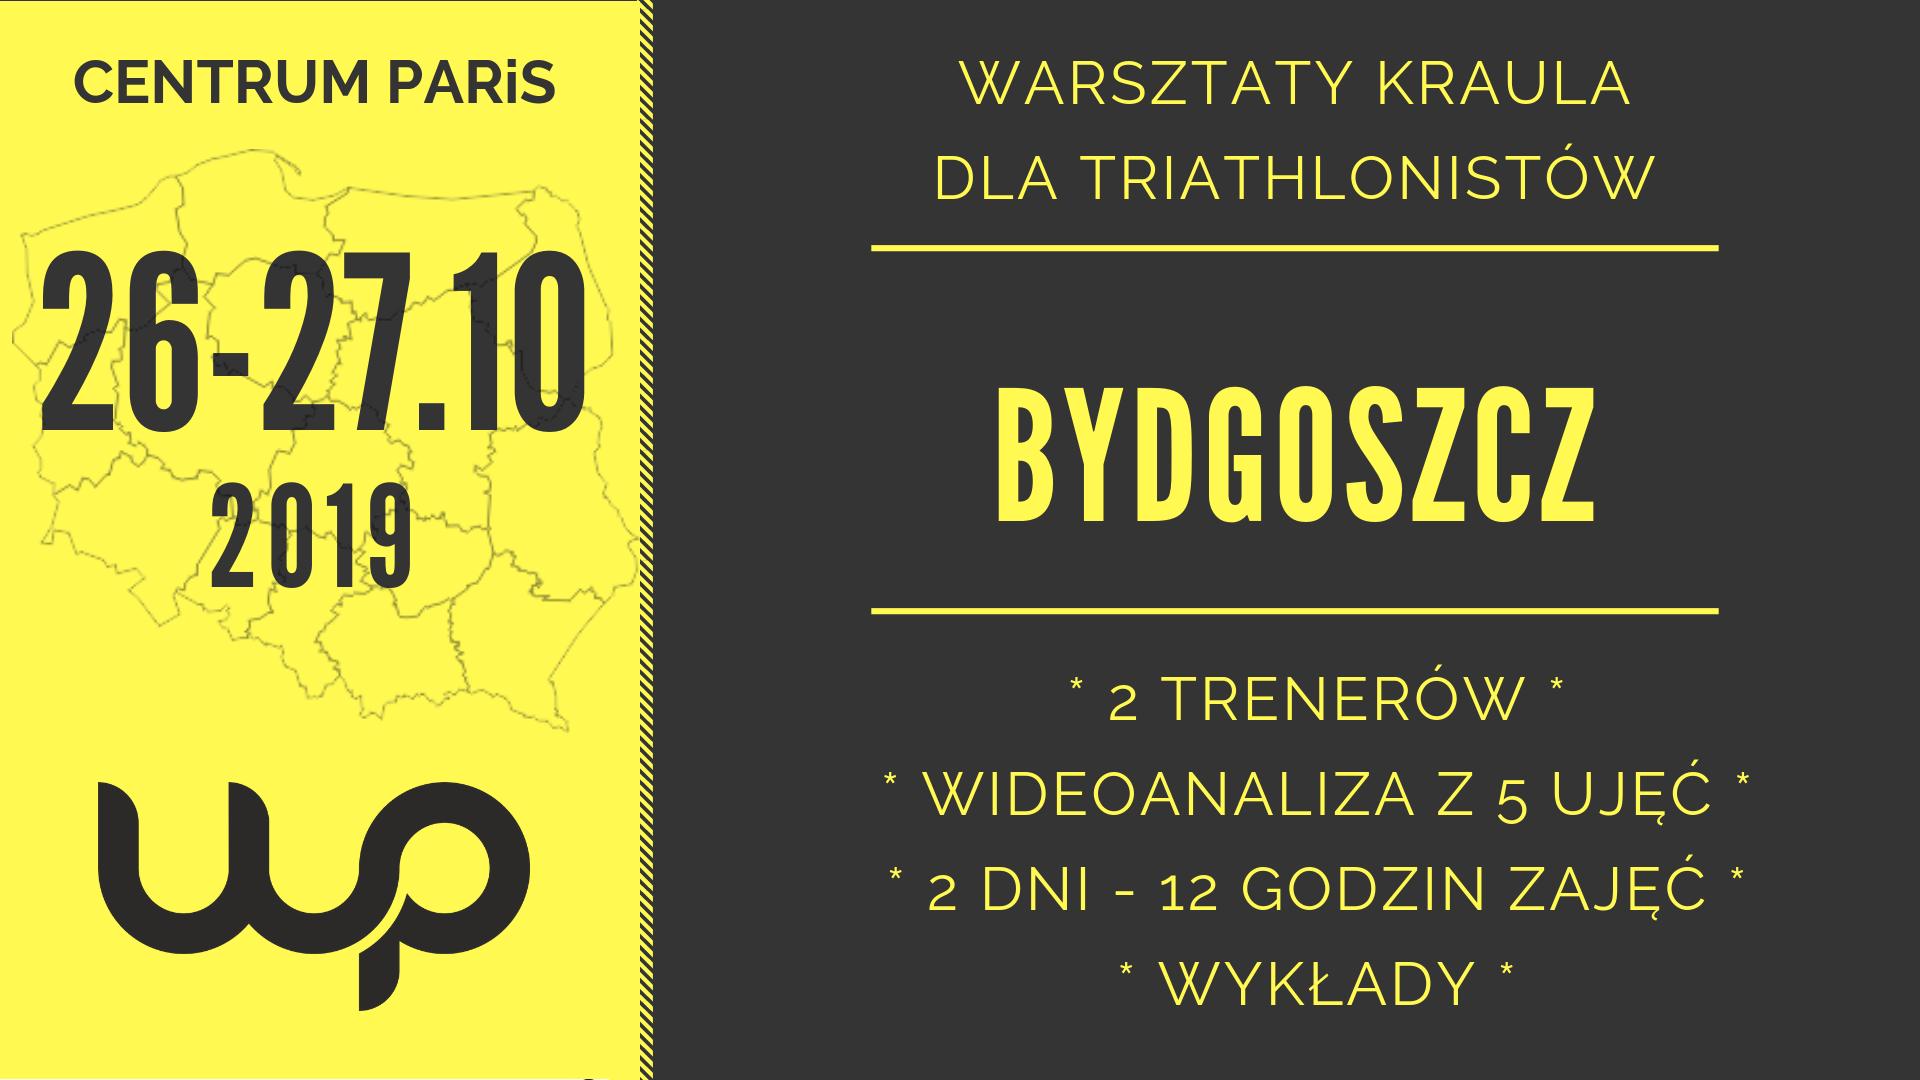 Logo Zawodów Bydgoszcz warsztaty kraula 26-27.10.2019 | WarsztatyPływania.pl